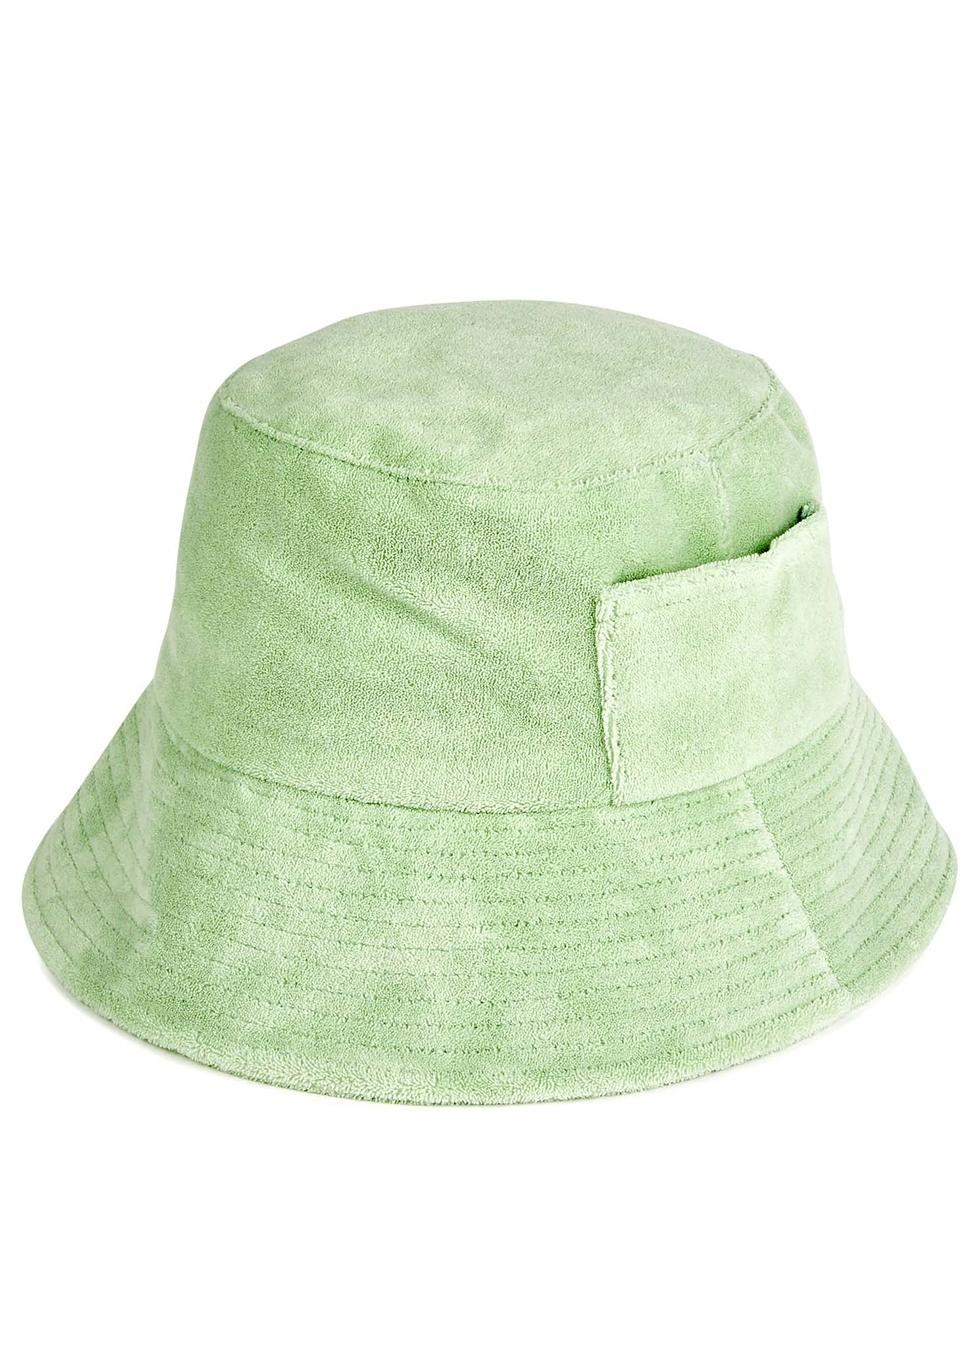 Green terry bucket hat